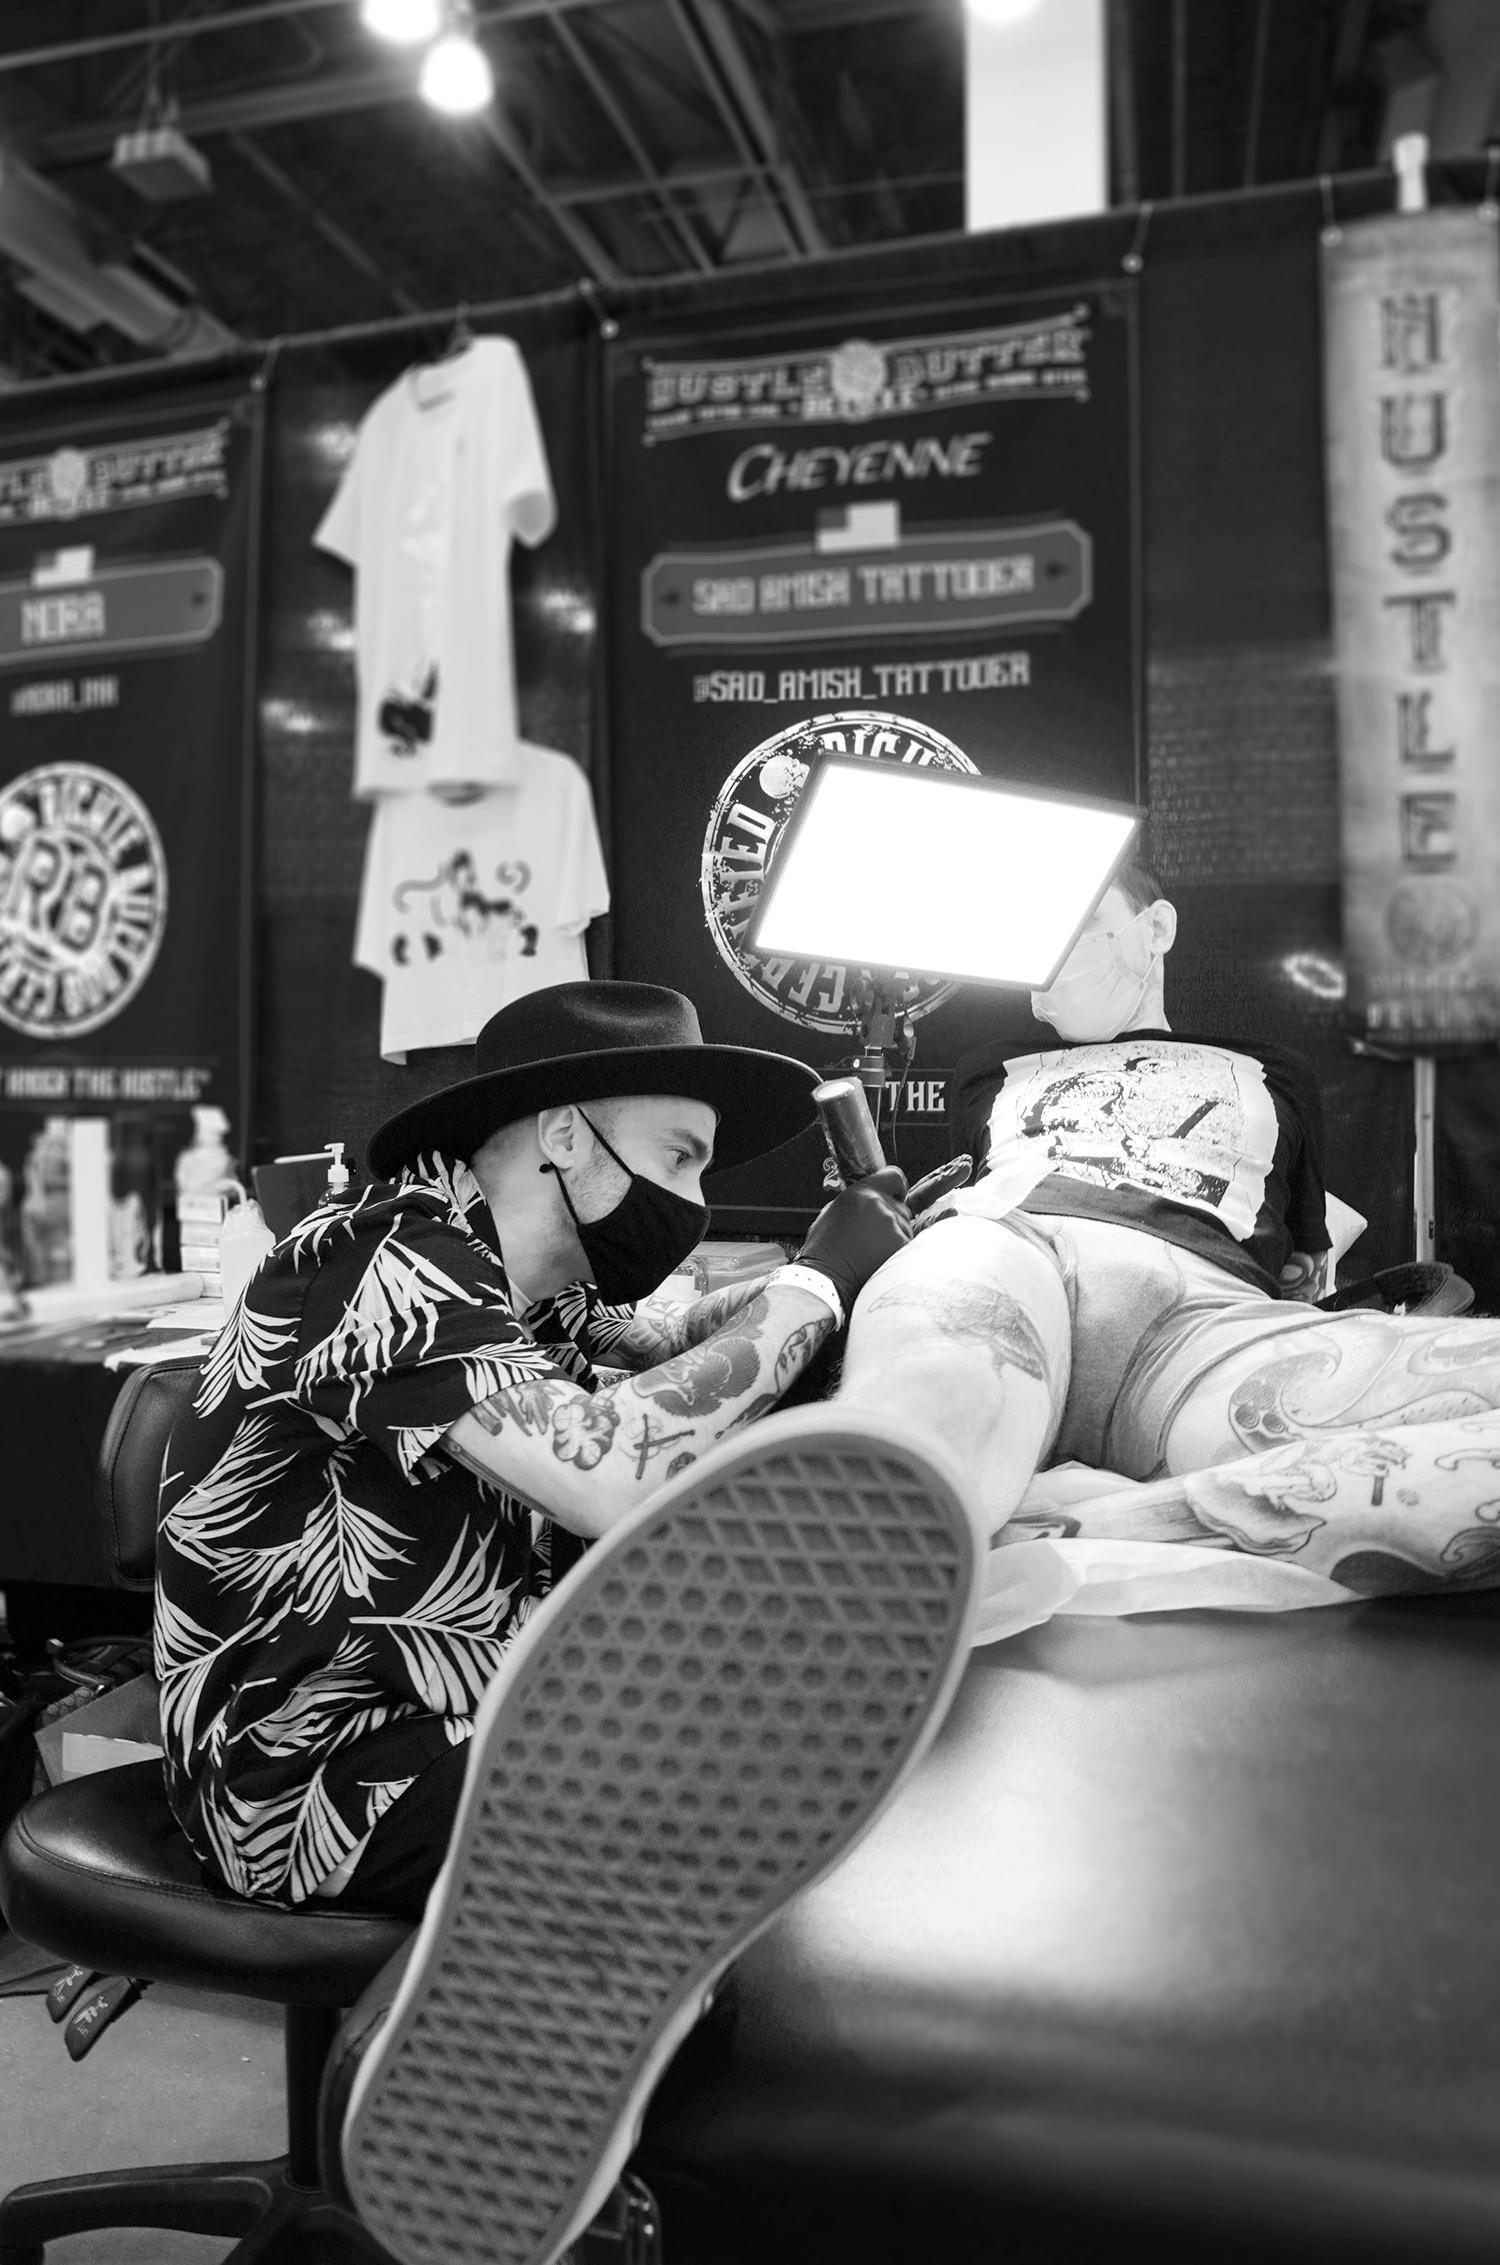 LA-based tattooist Sad Amish displays erotic art at the expo.